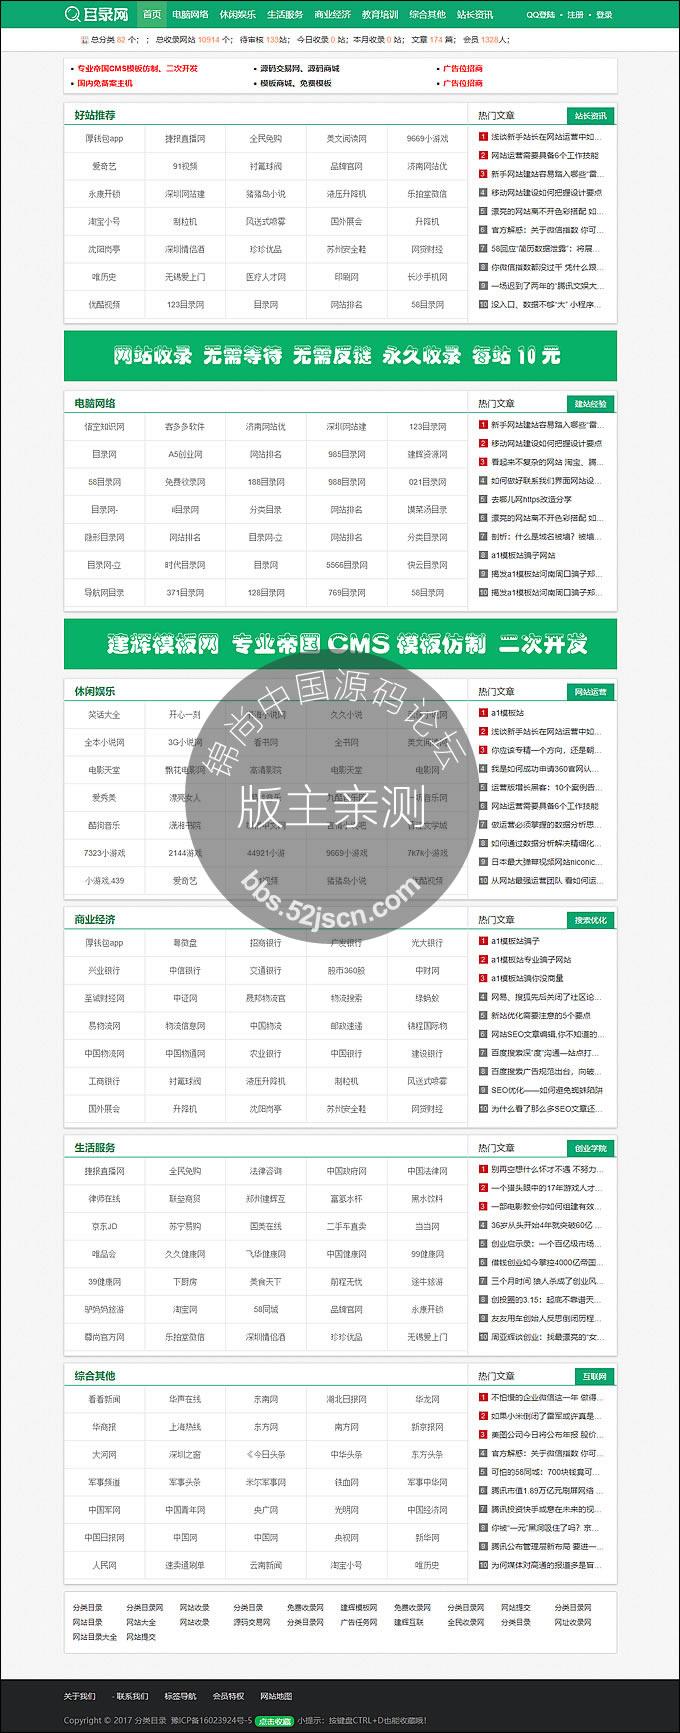 分类目录 - 专业的网站目录_免费收录优秀网站.jpg